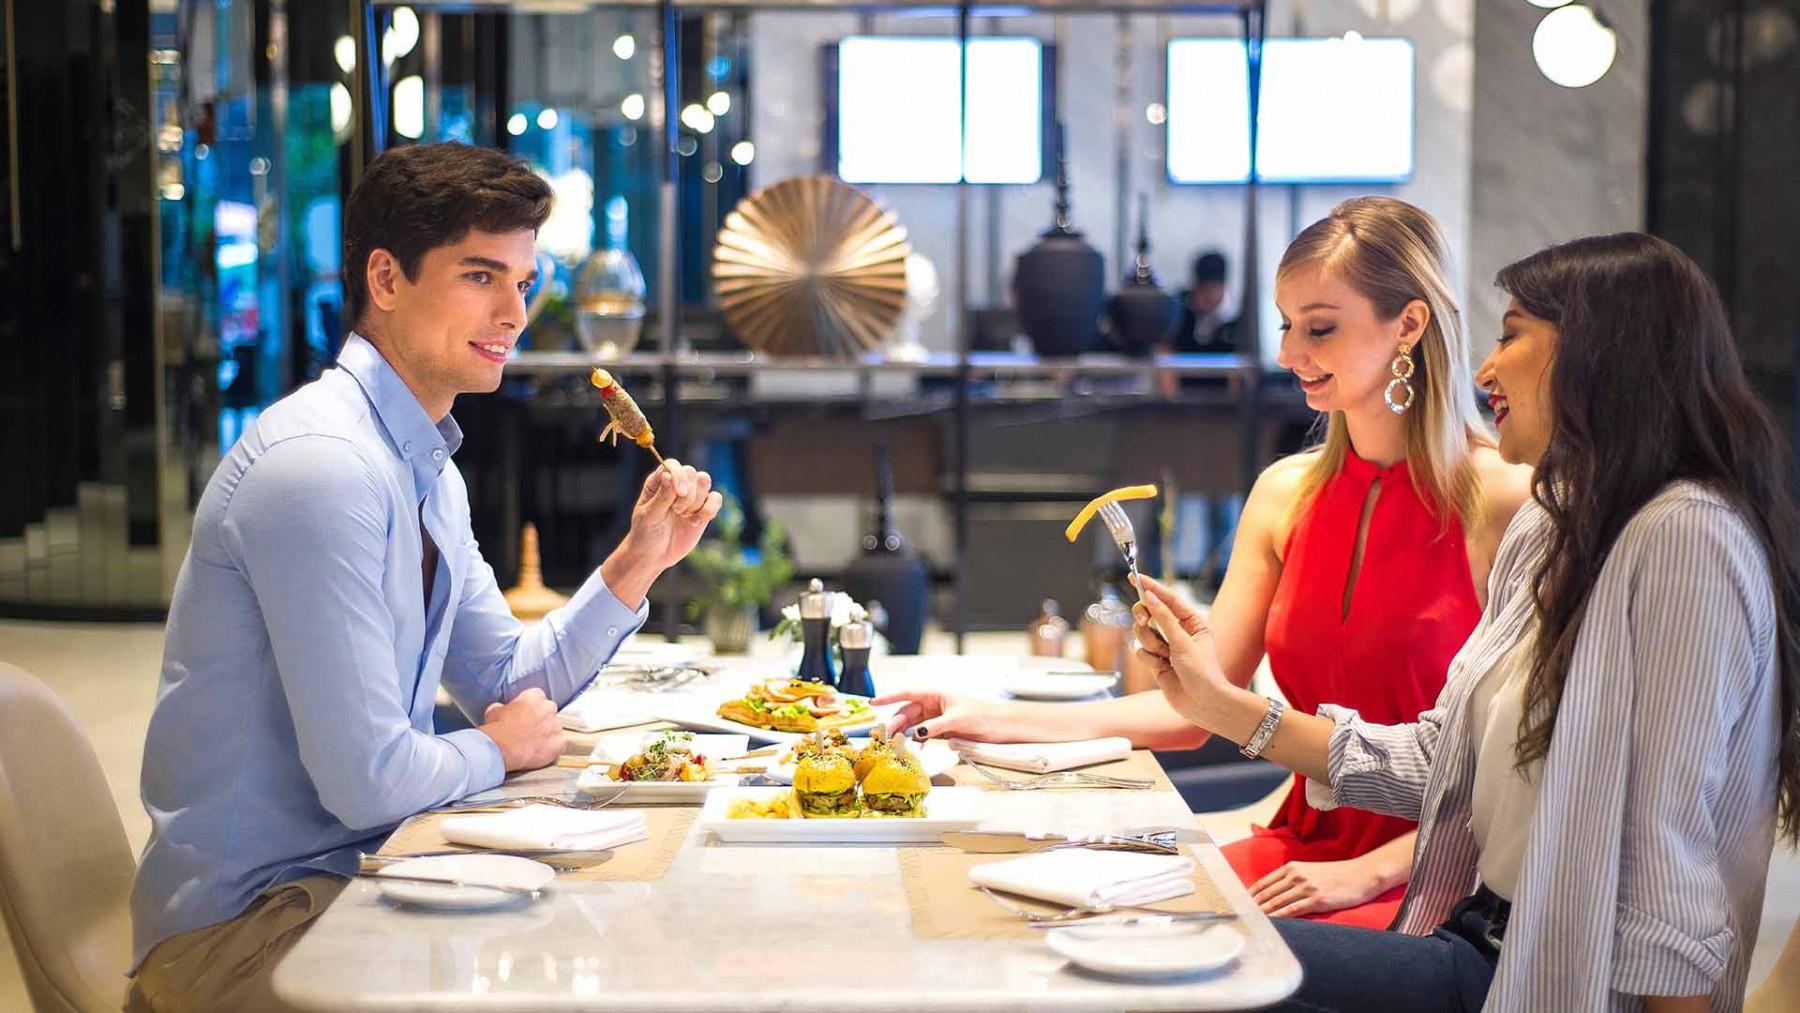 food-exchange-restaurant